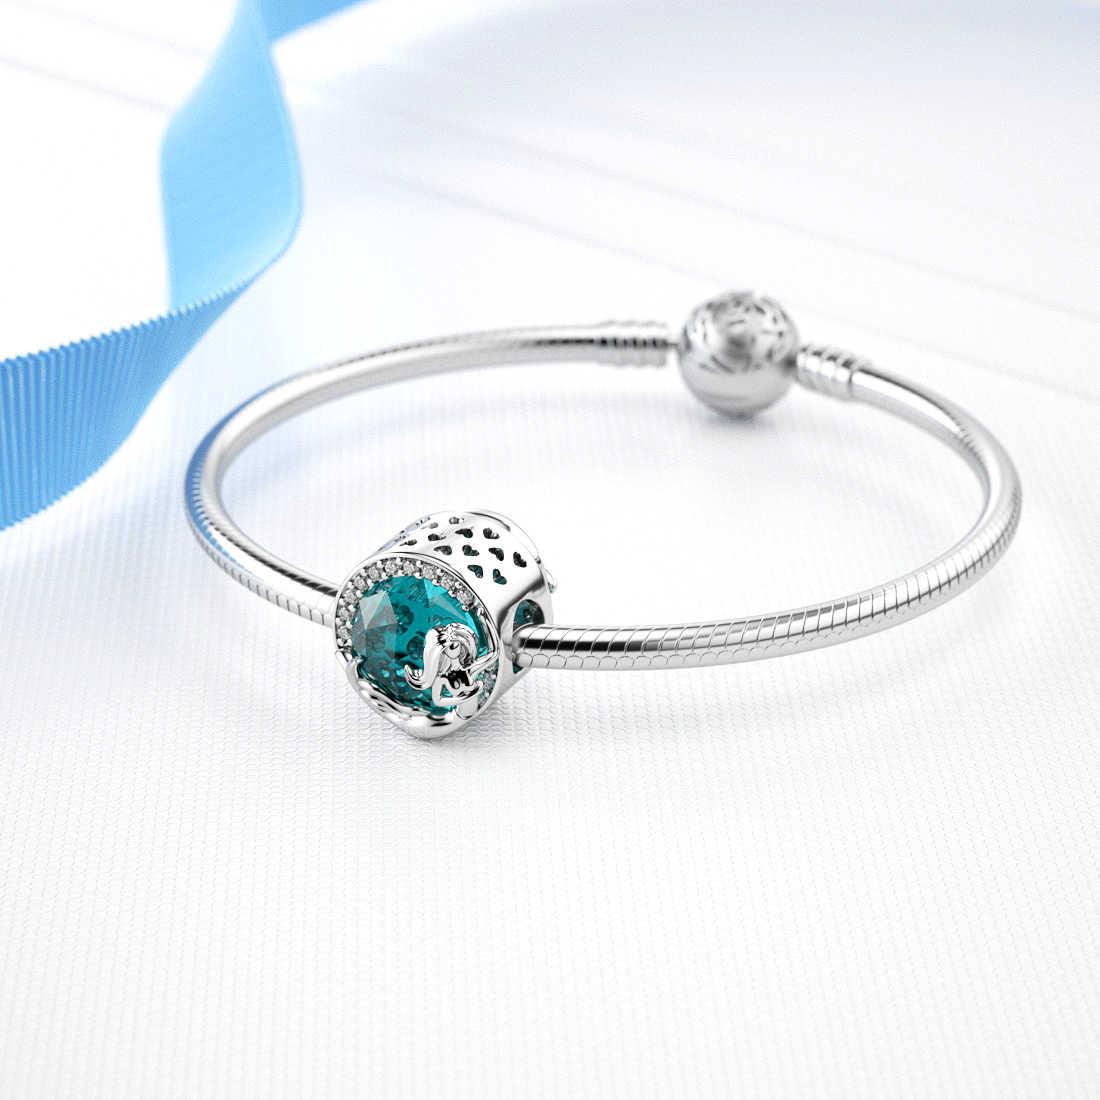 Jiayiqi sereia encantos 925 prata esterlina luz azul cristal cz contas caber pandora encantos pulseiras originais diy jóias finas